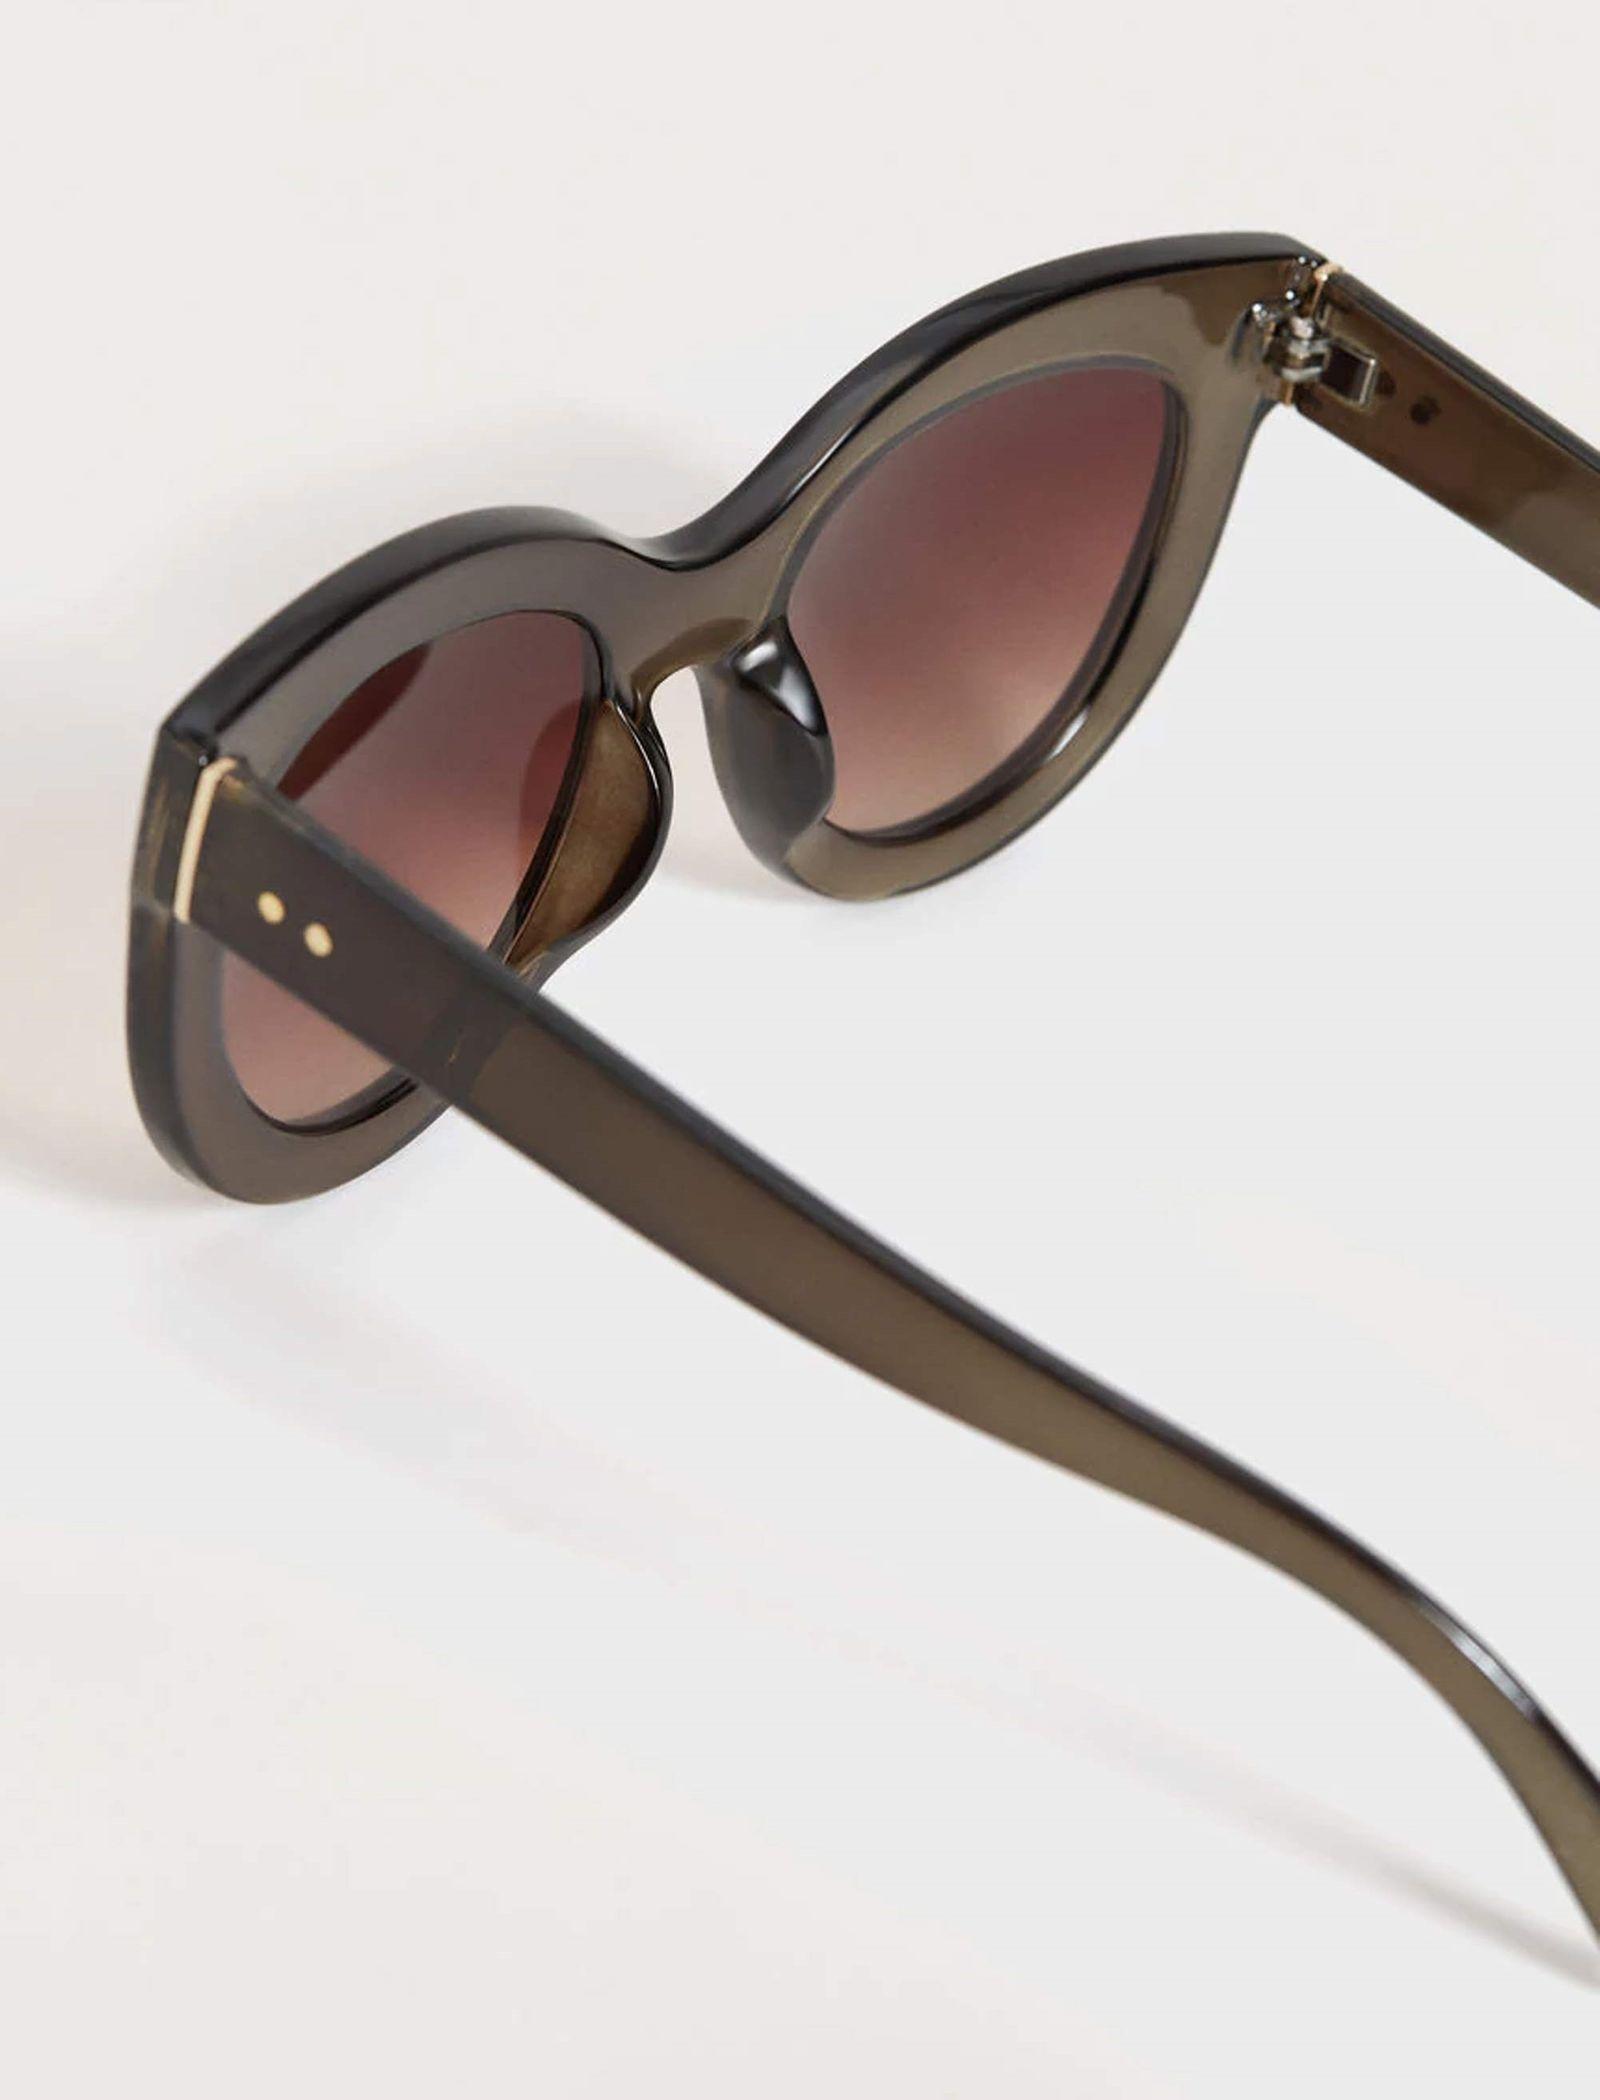 عینک آفتابی گربه ای زنانه - ویولتا بای مانگو - زيتوني - 3